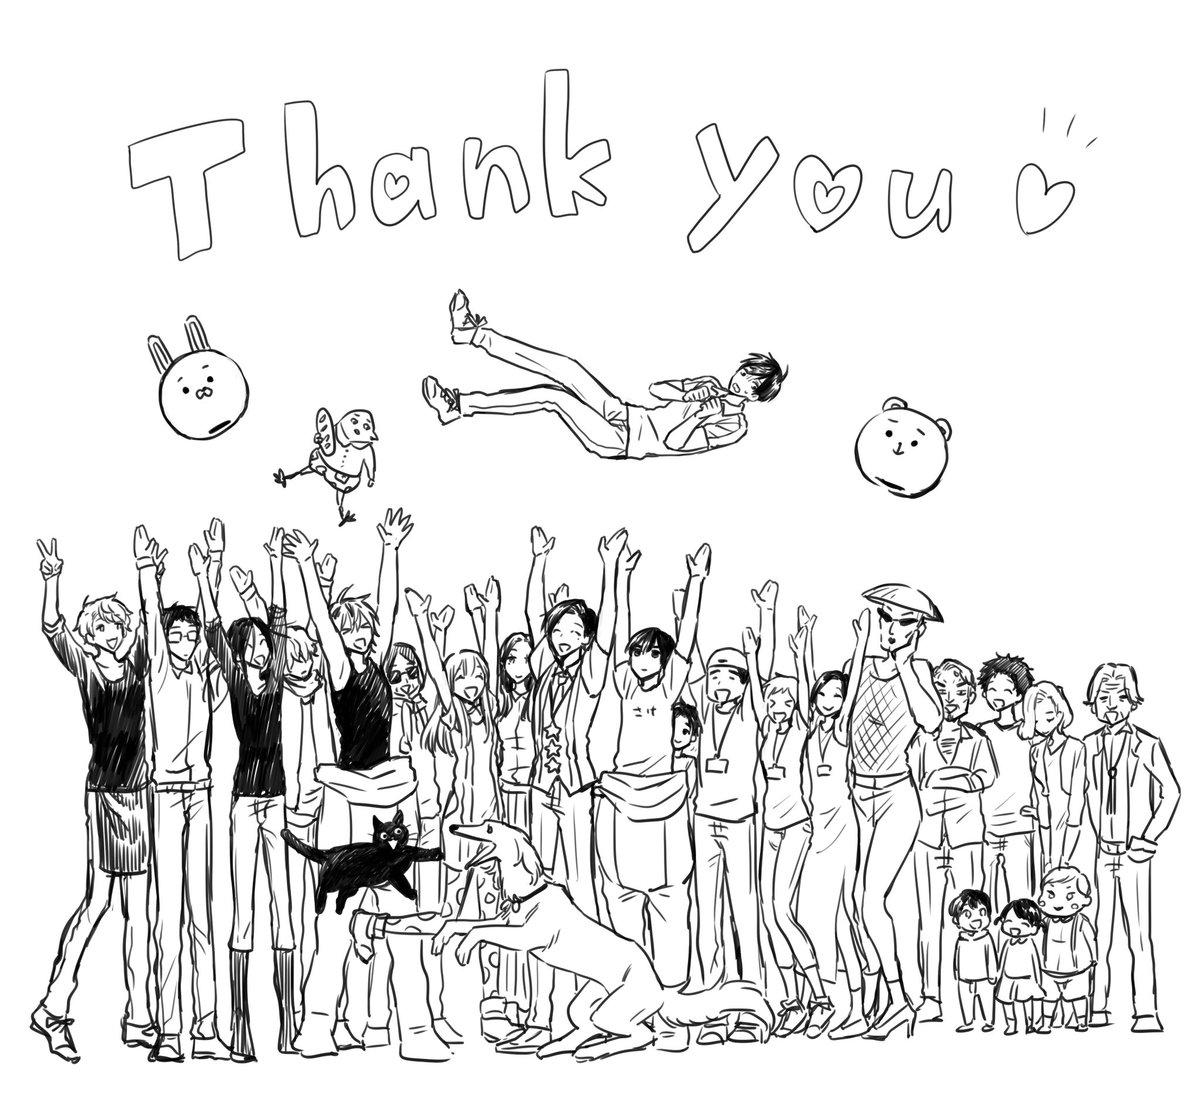 改めまして、TVアニメ「うらみちお兄さん」の制作に関わってくださった全ての皆様、そしてご視聴くださった視聴者の皆様へ心から感謝申し上げます。ありがとうございました!これからも原作「うらみちお兄さん」はまだまだ続きますので、引き続き応援をよろしくお願いいたします✨ #うらみちお兄さん